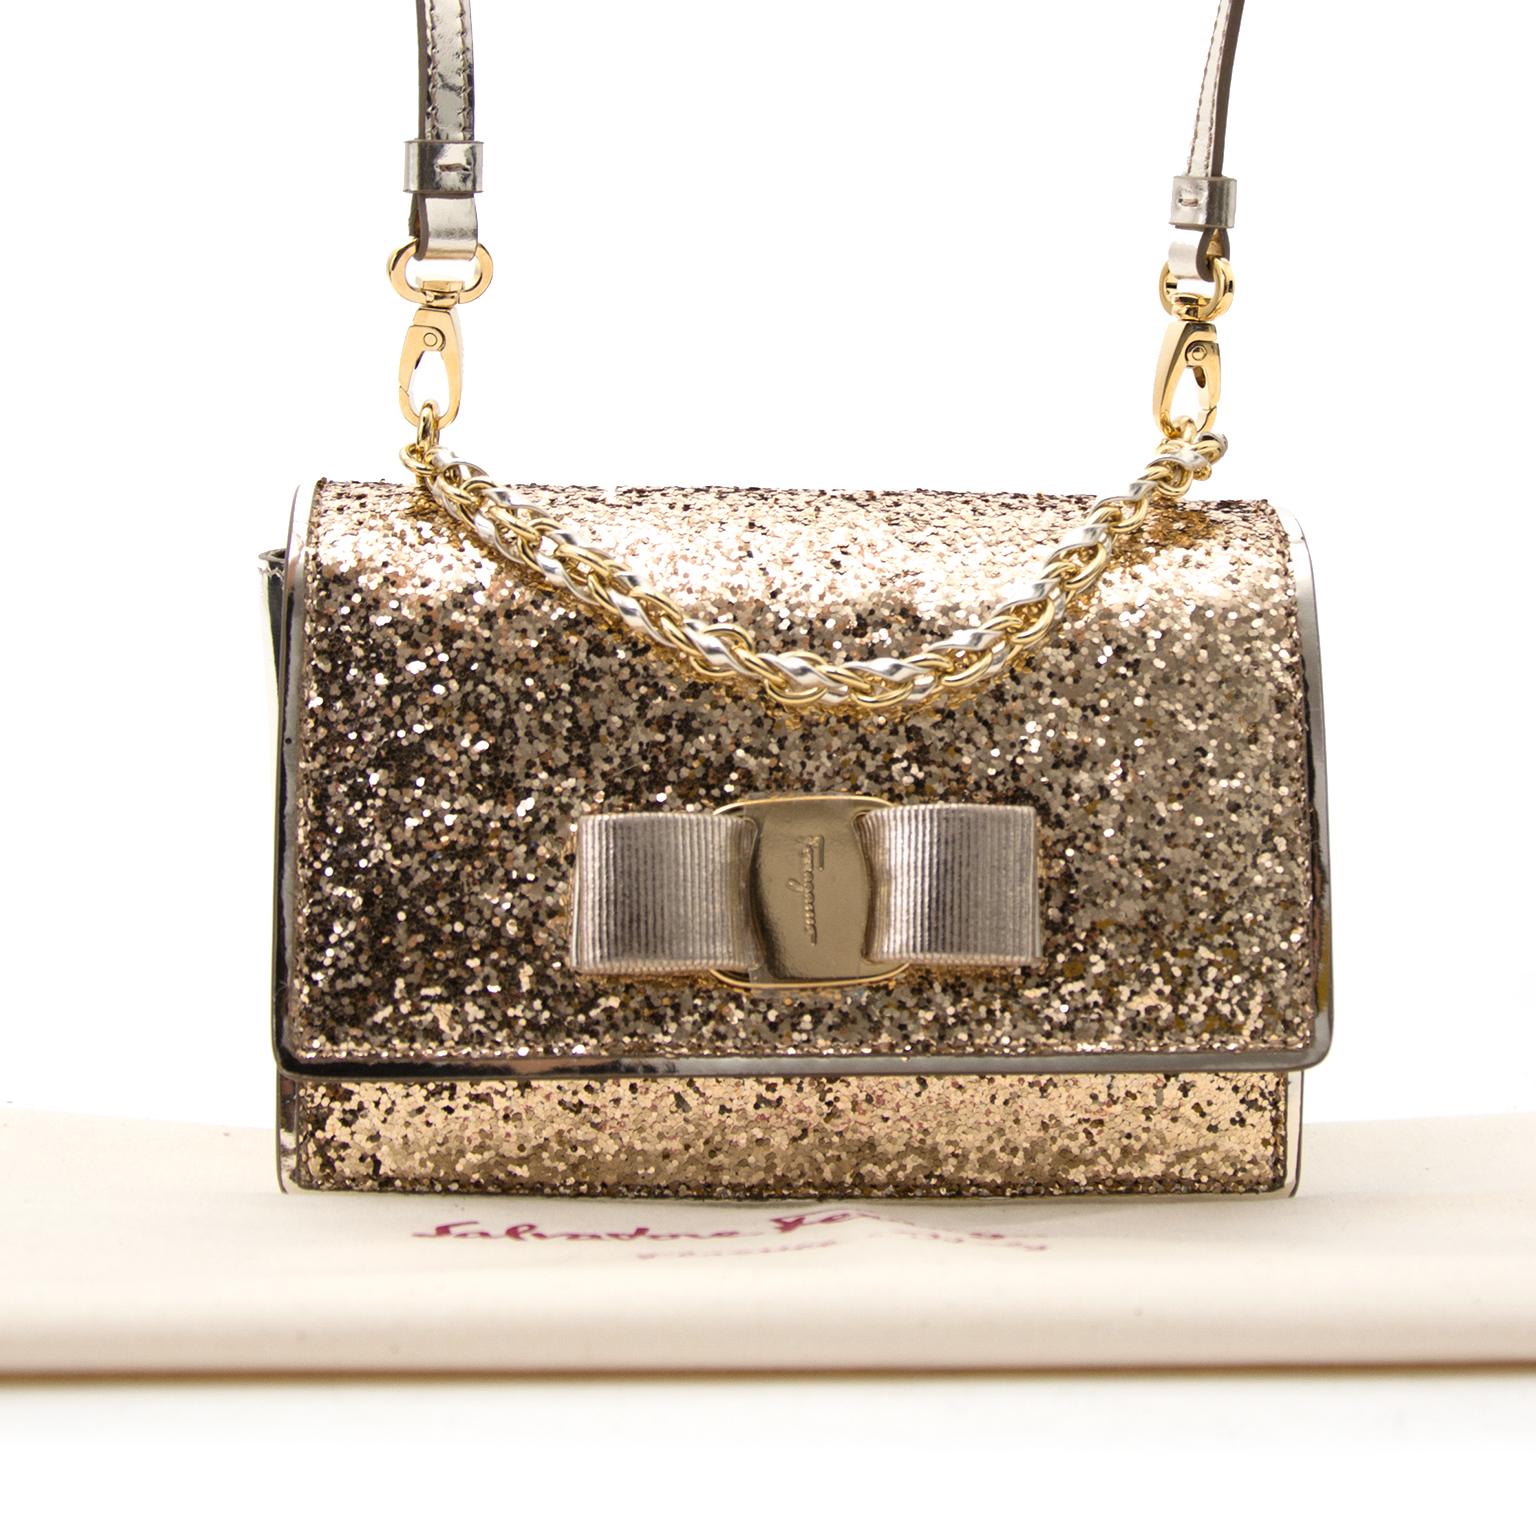 Acheter Salvatore Ferragamo Gold 'Ginny' Clutch en ligne chez Labellov.com